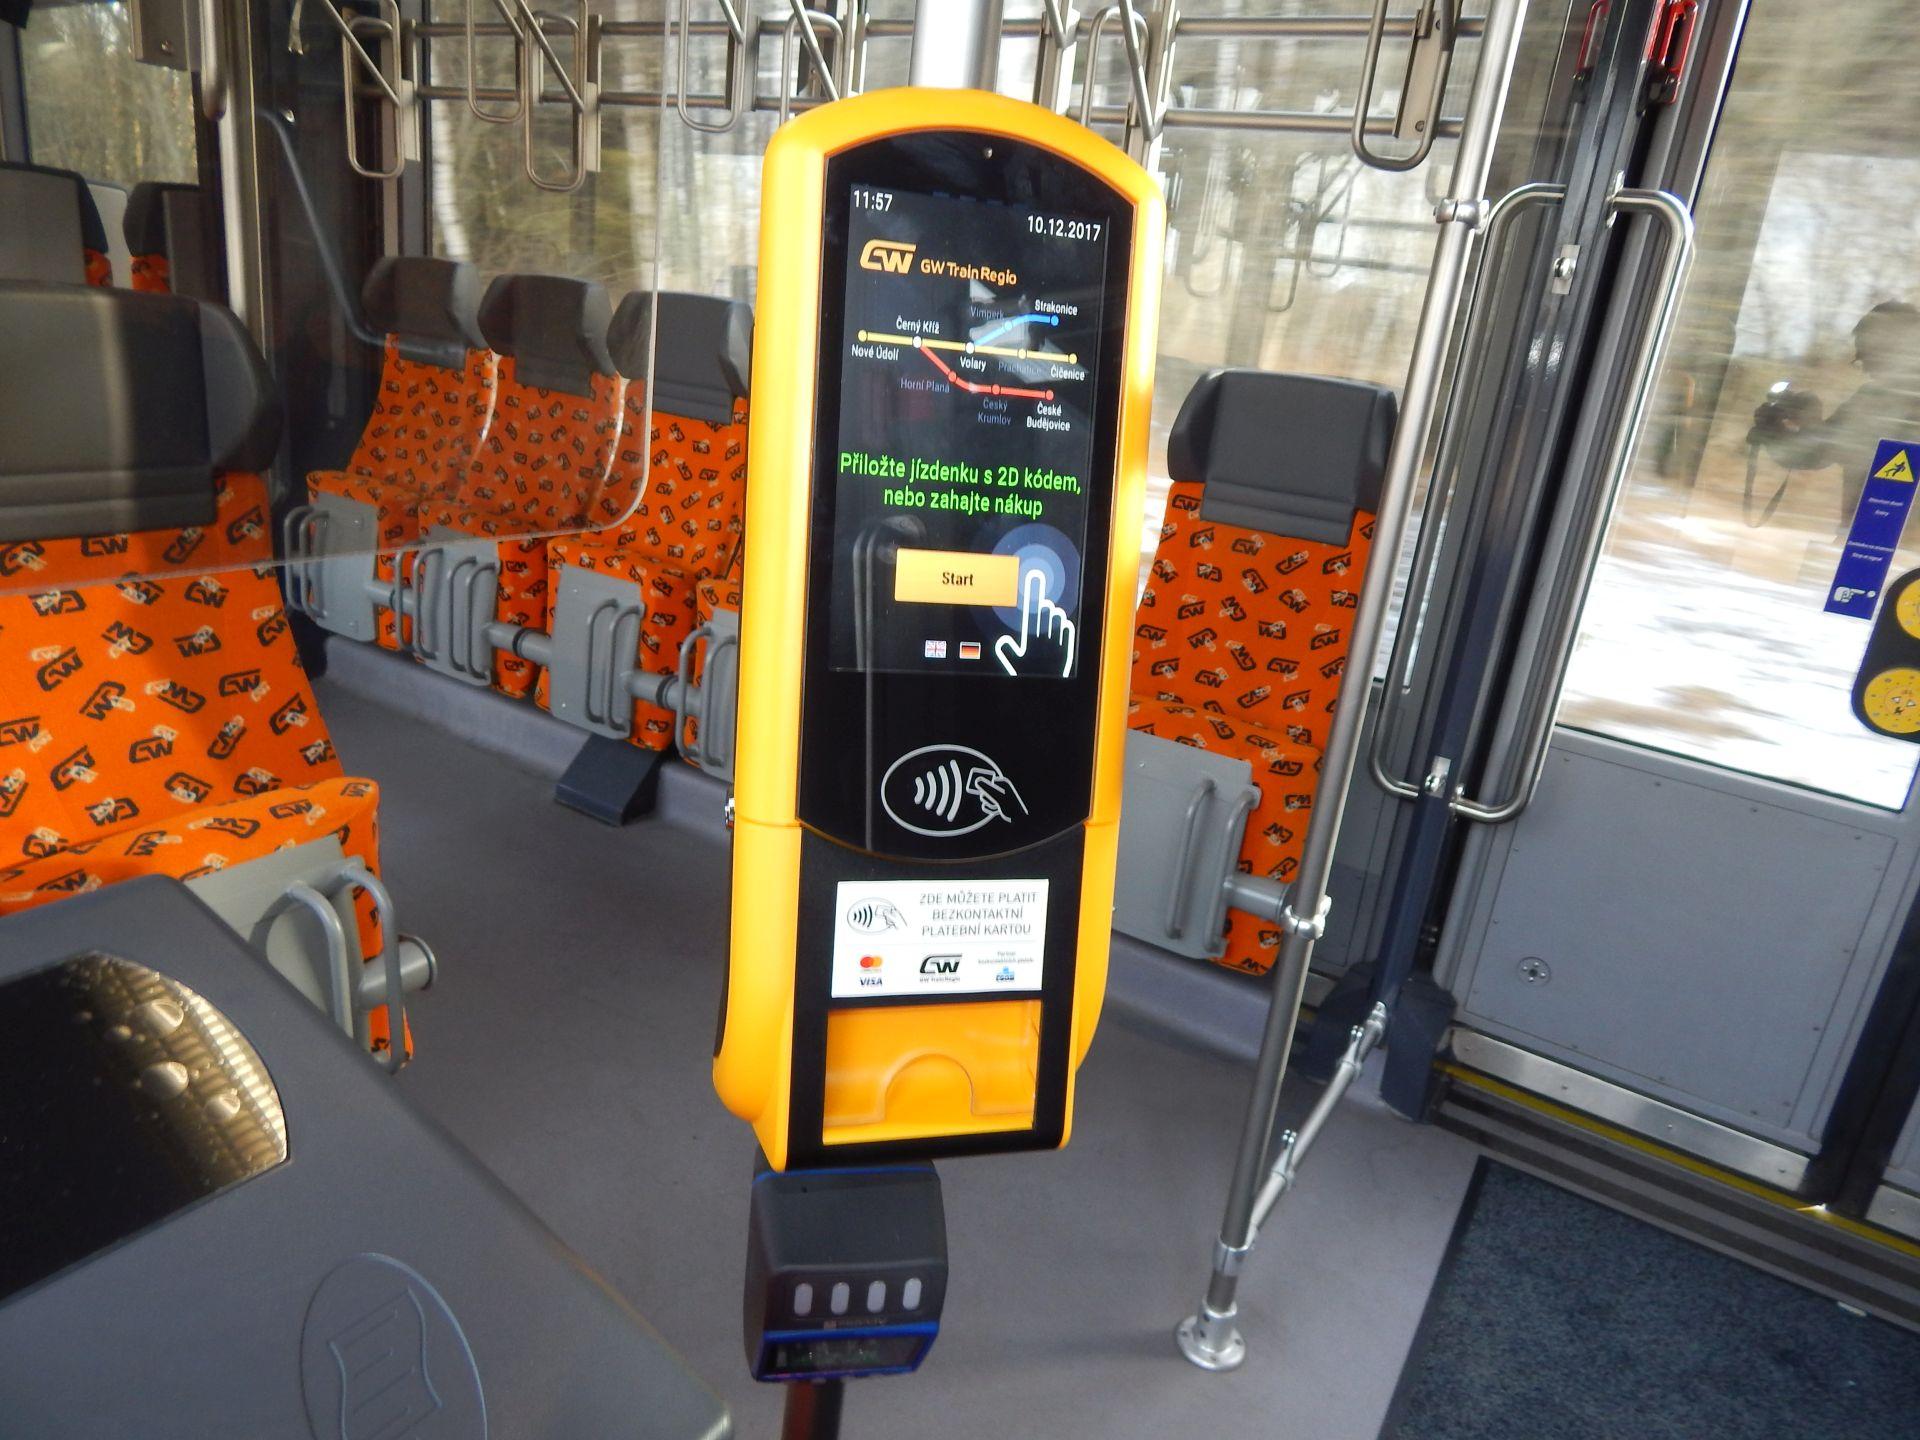 Automat na jízdenky ve vlaku GW Train Regio. Autor: Zdopravy.cz/Jan Šindelář